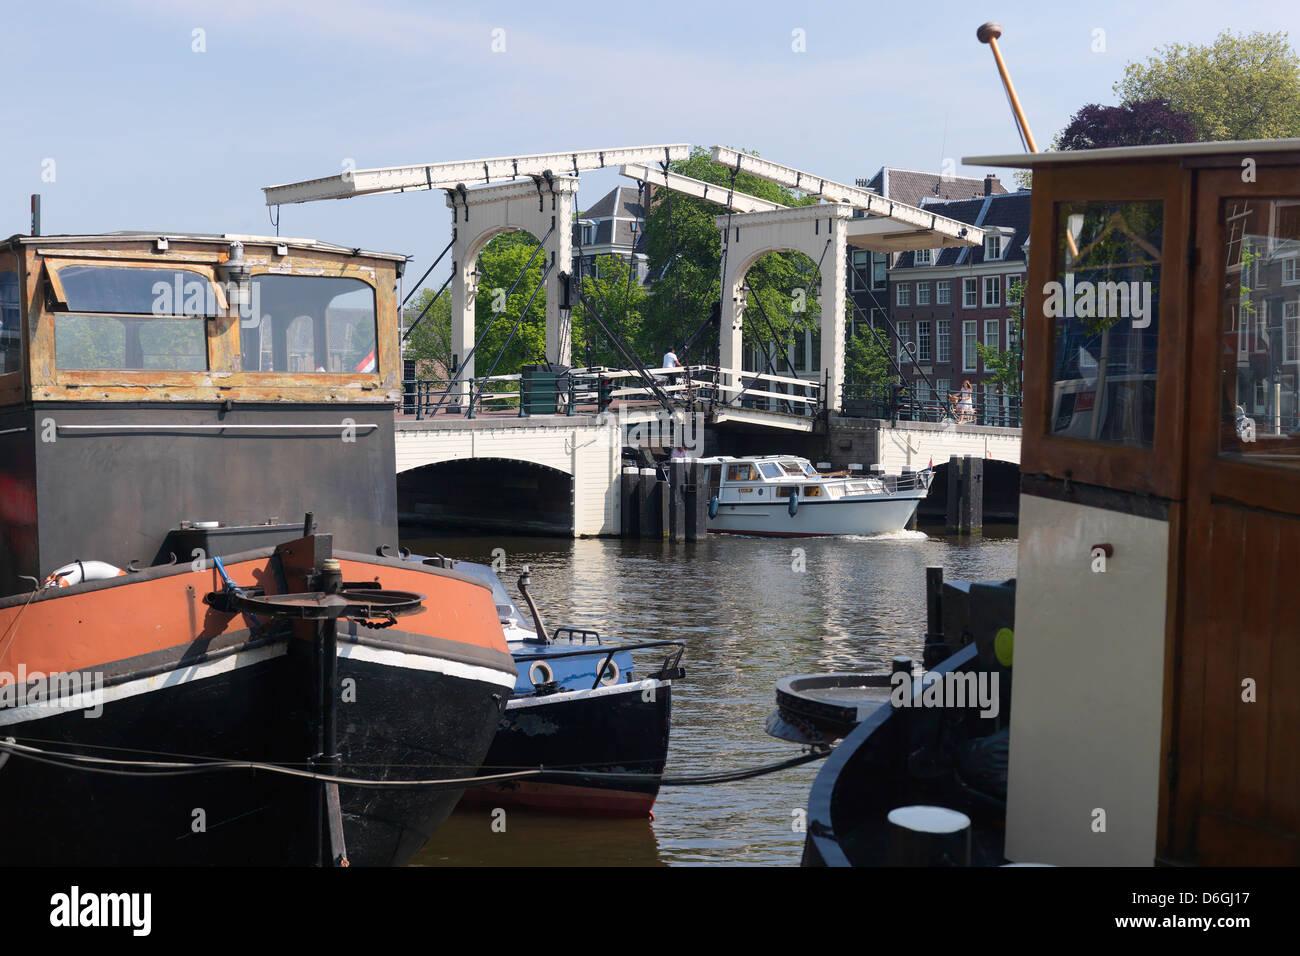 Amsterdam, The Netherlands, Ziehbruecke Skinny Bridge Stock Photo